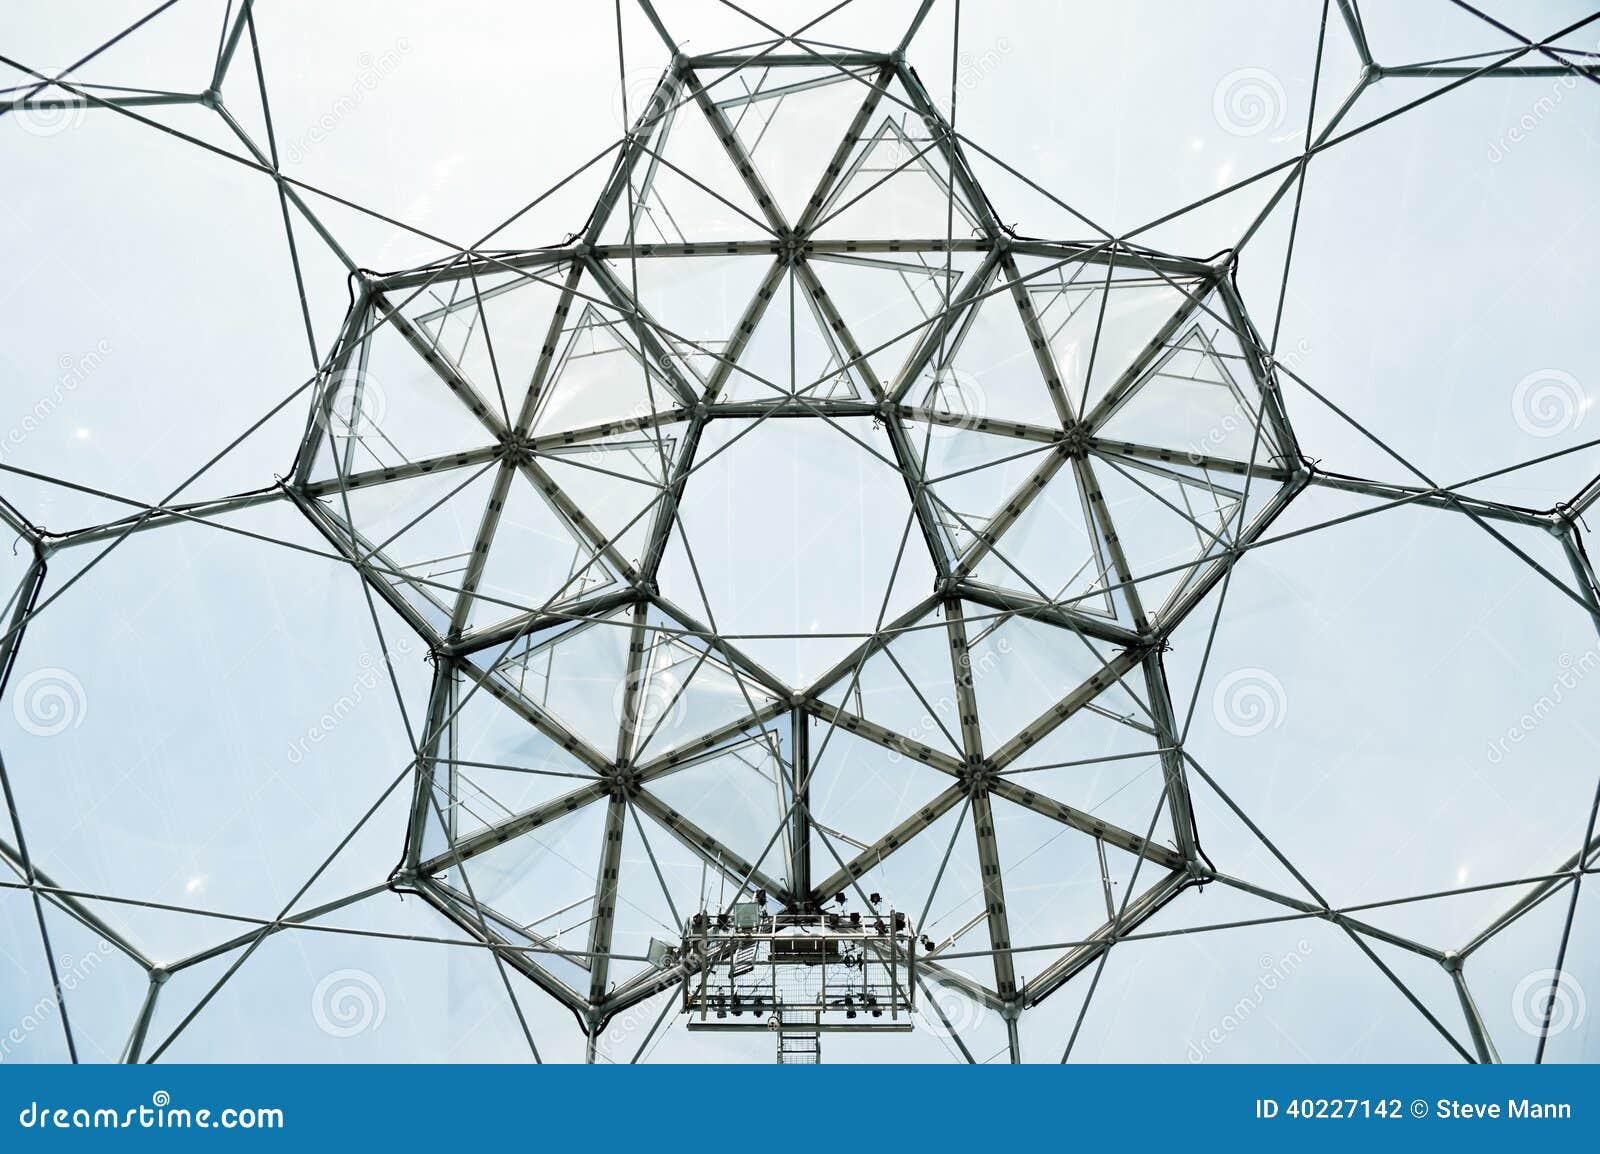 Bio Dome Architecture Stock Photo Image Of Eden